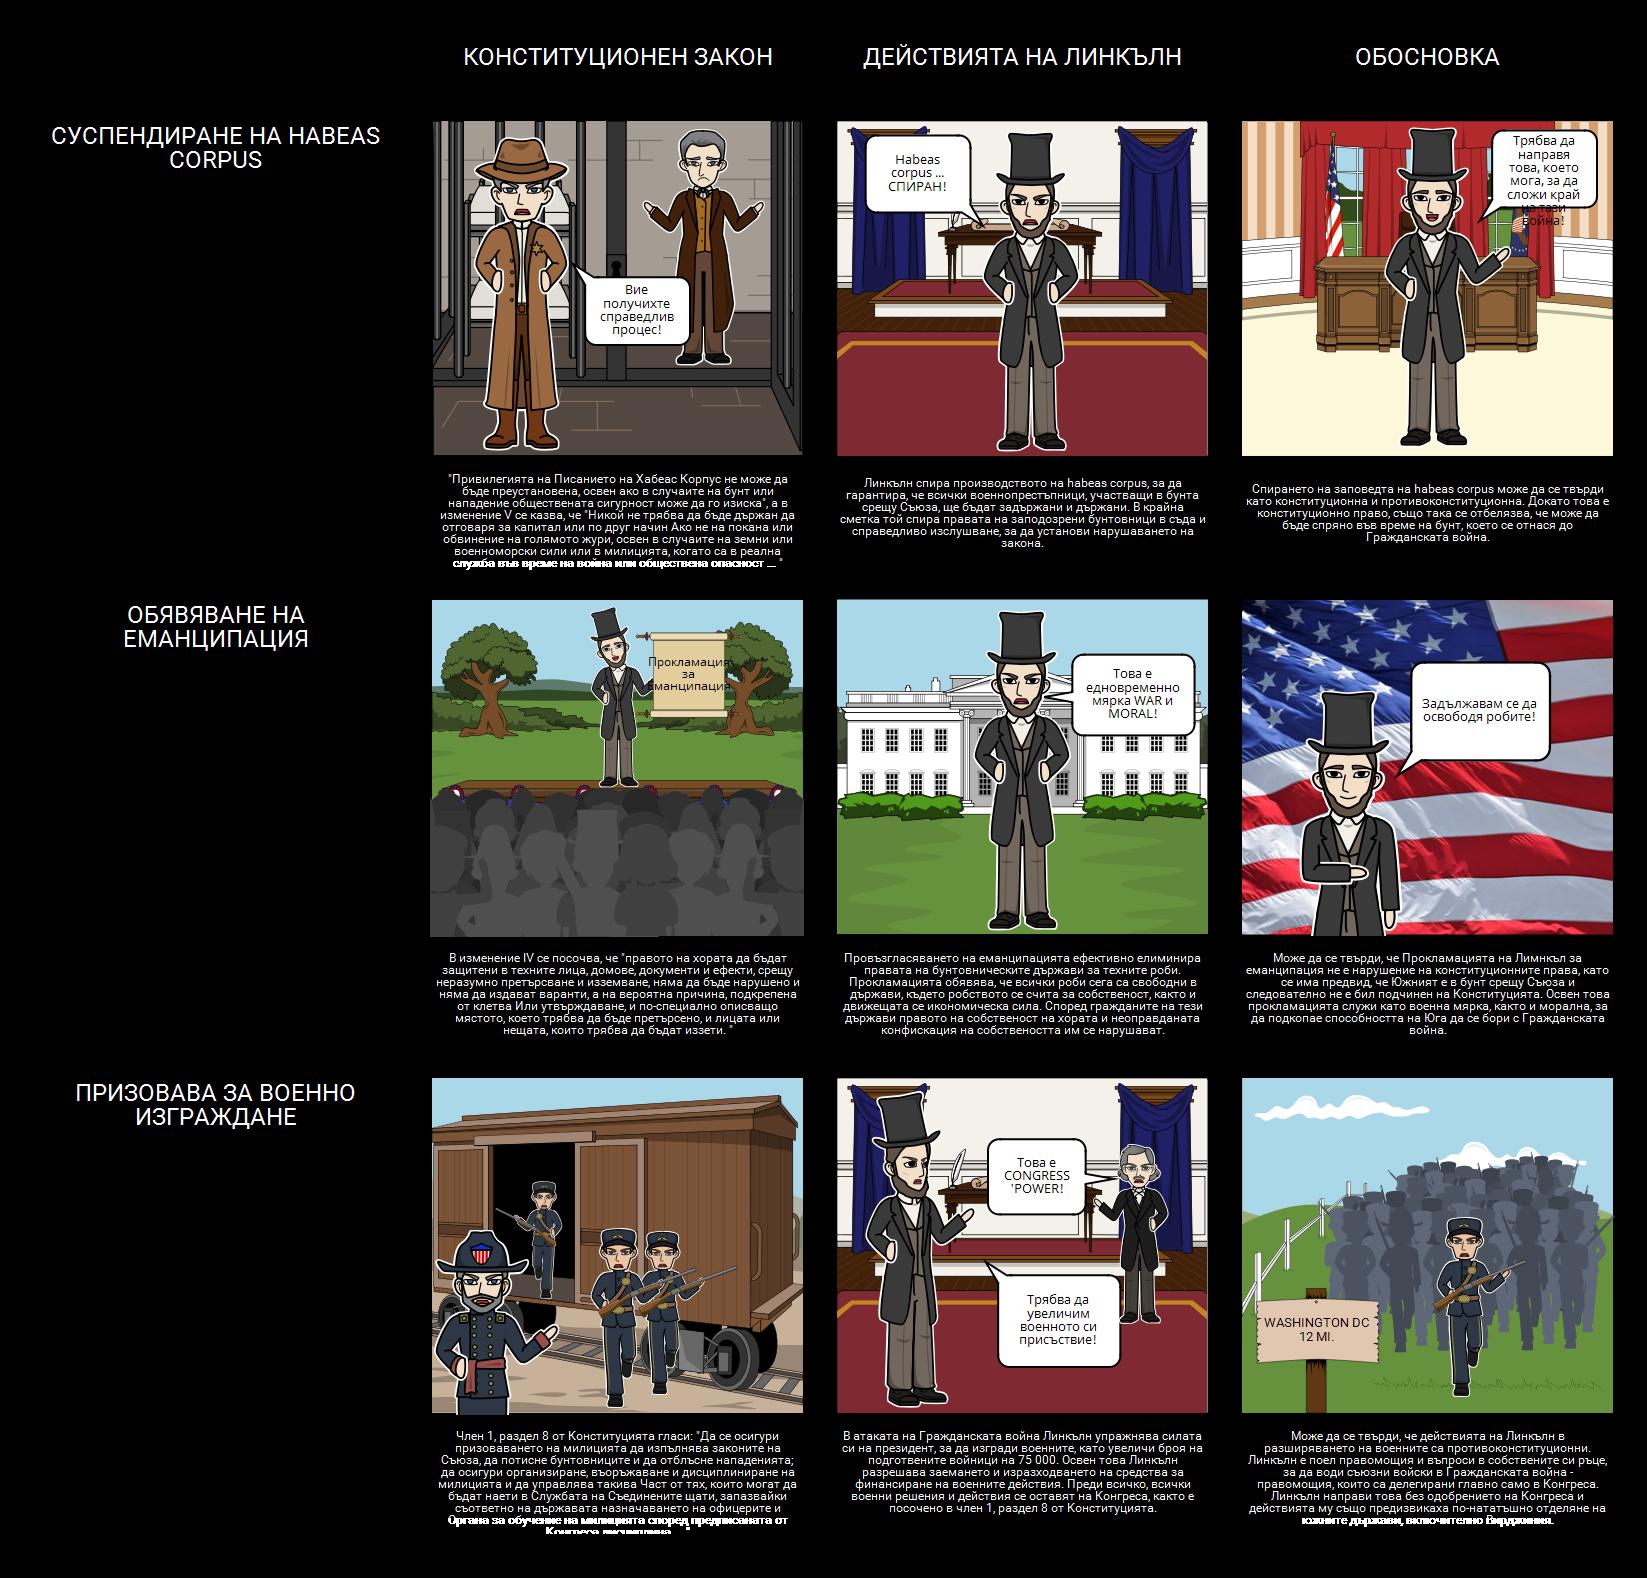 Разширяването на Правомощията на Линкълн и Неговата Конституционалност